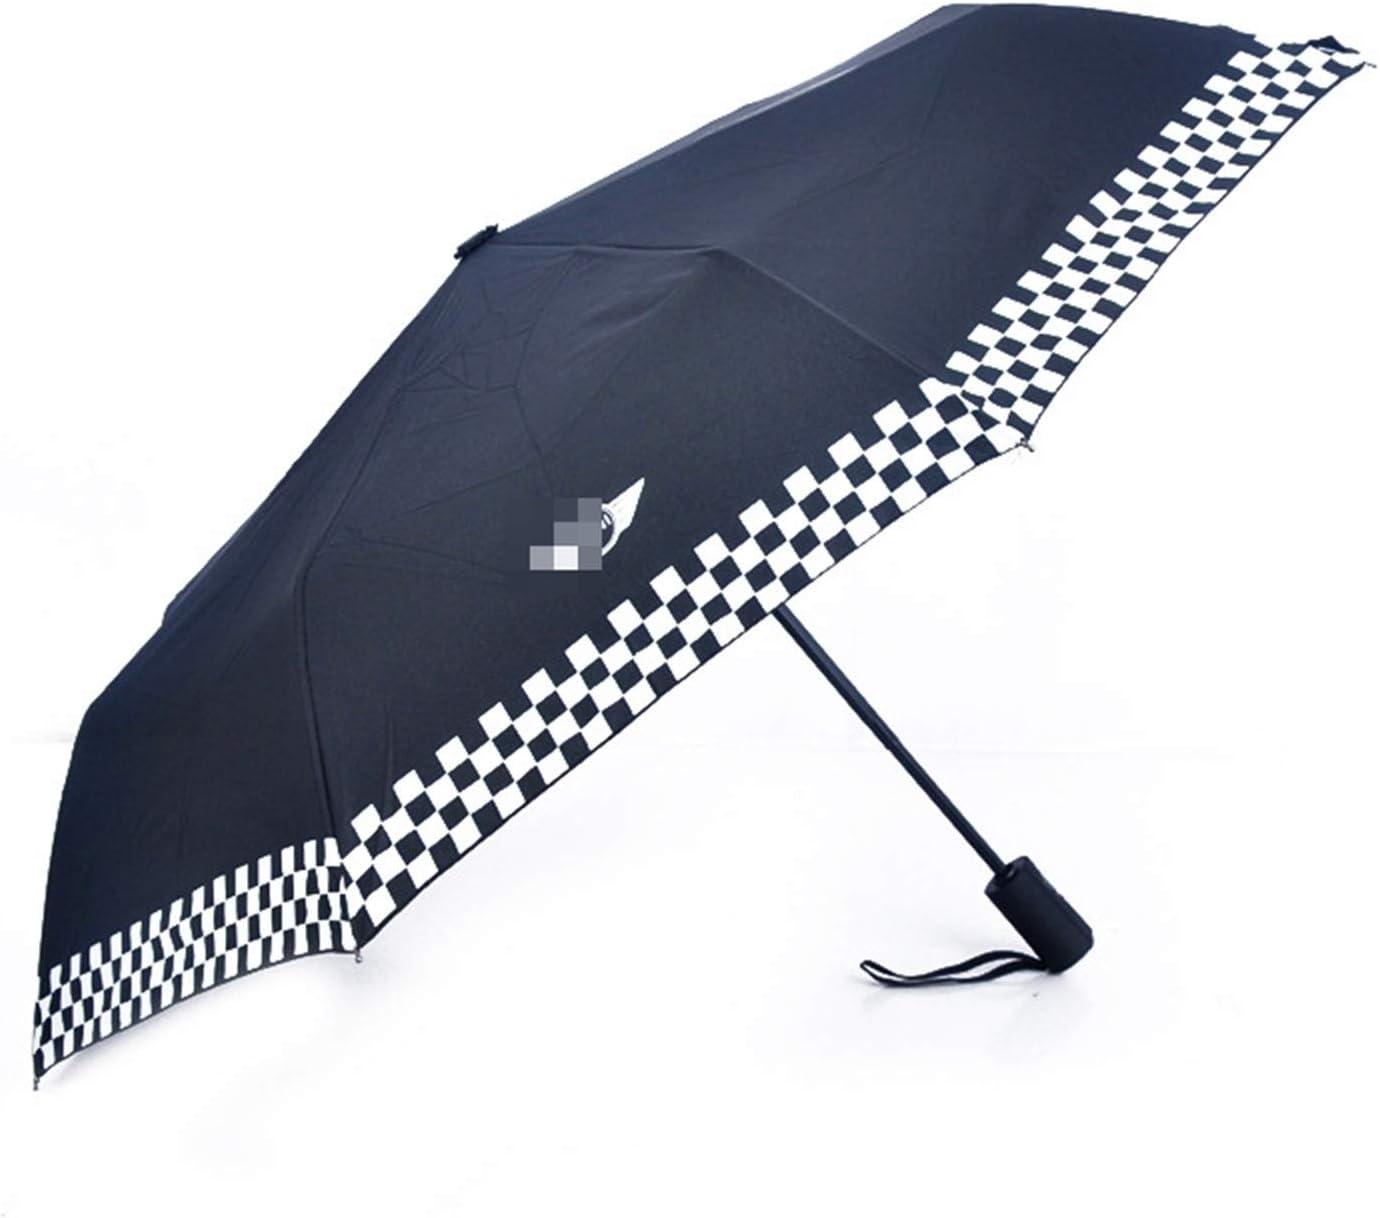 XHSM Coupe-Vent Double Couche Parapluie Invers/é Soleil Parapluie De Plage pour Mini pour Cooper One R55 R56 F54 F55 F56 F60 Accessoires De Style De Voiture D/écoration Voiture